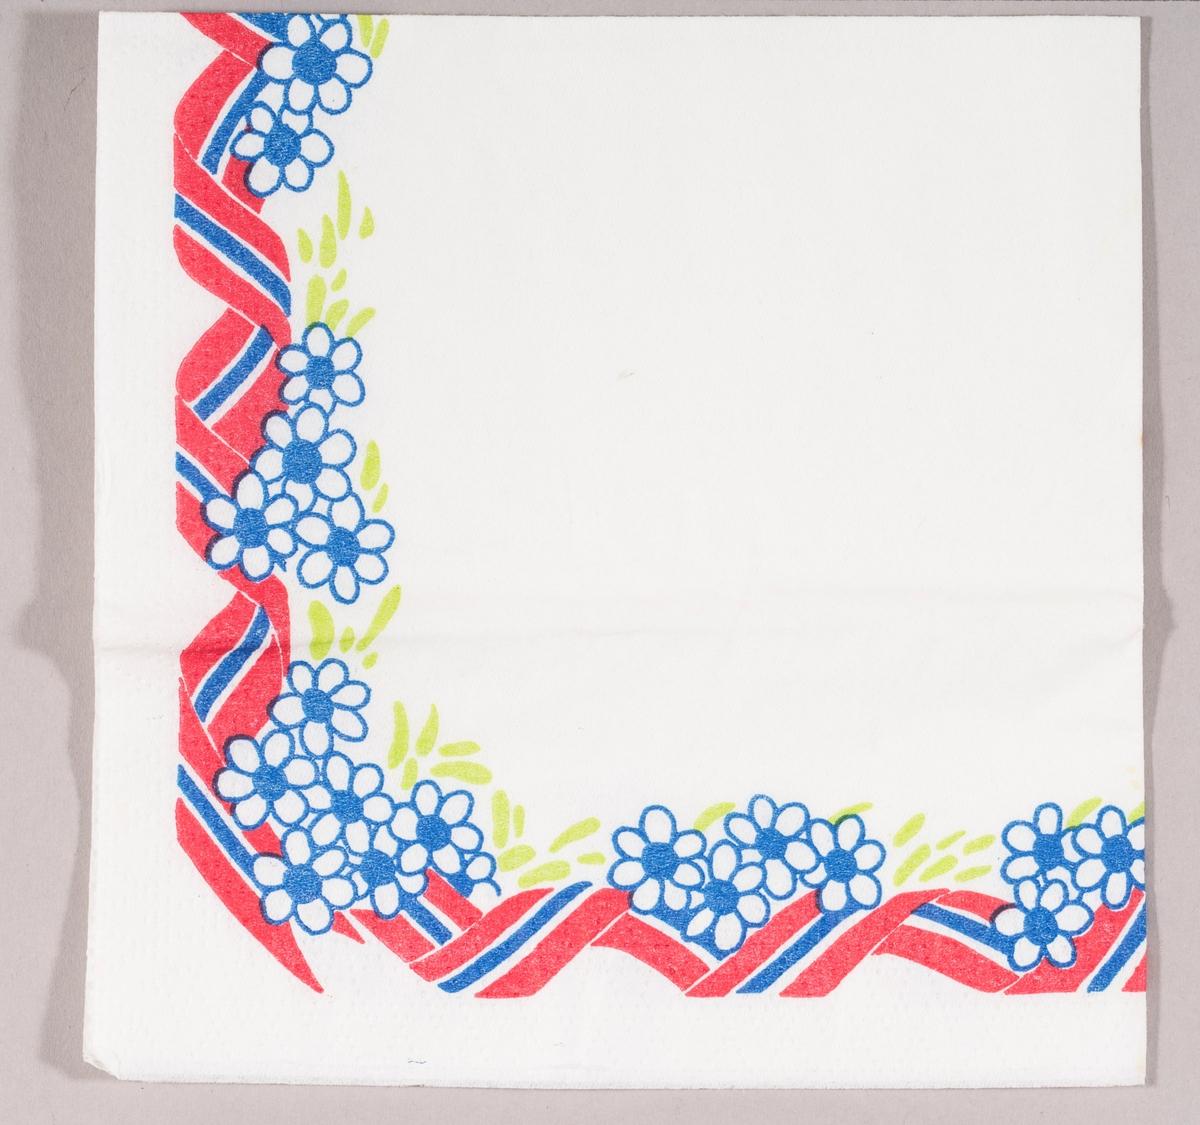 En bord bestående av et svunget bånd i rødt, hvitt og blått, blomster i hvitt og blått og grønne blader.